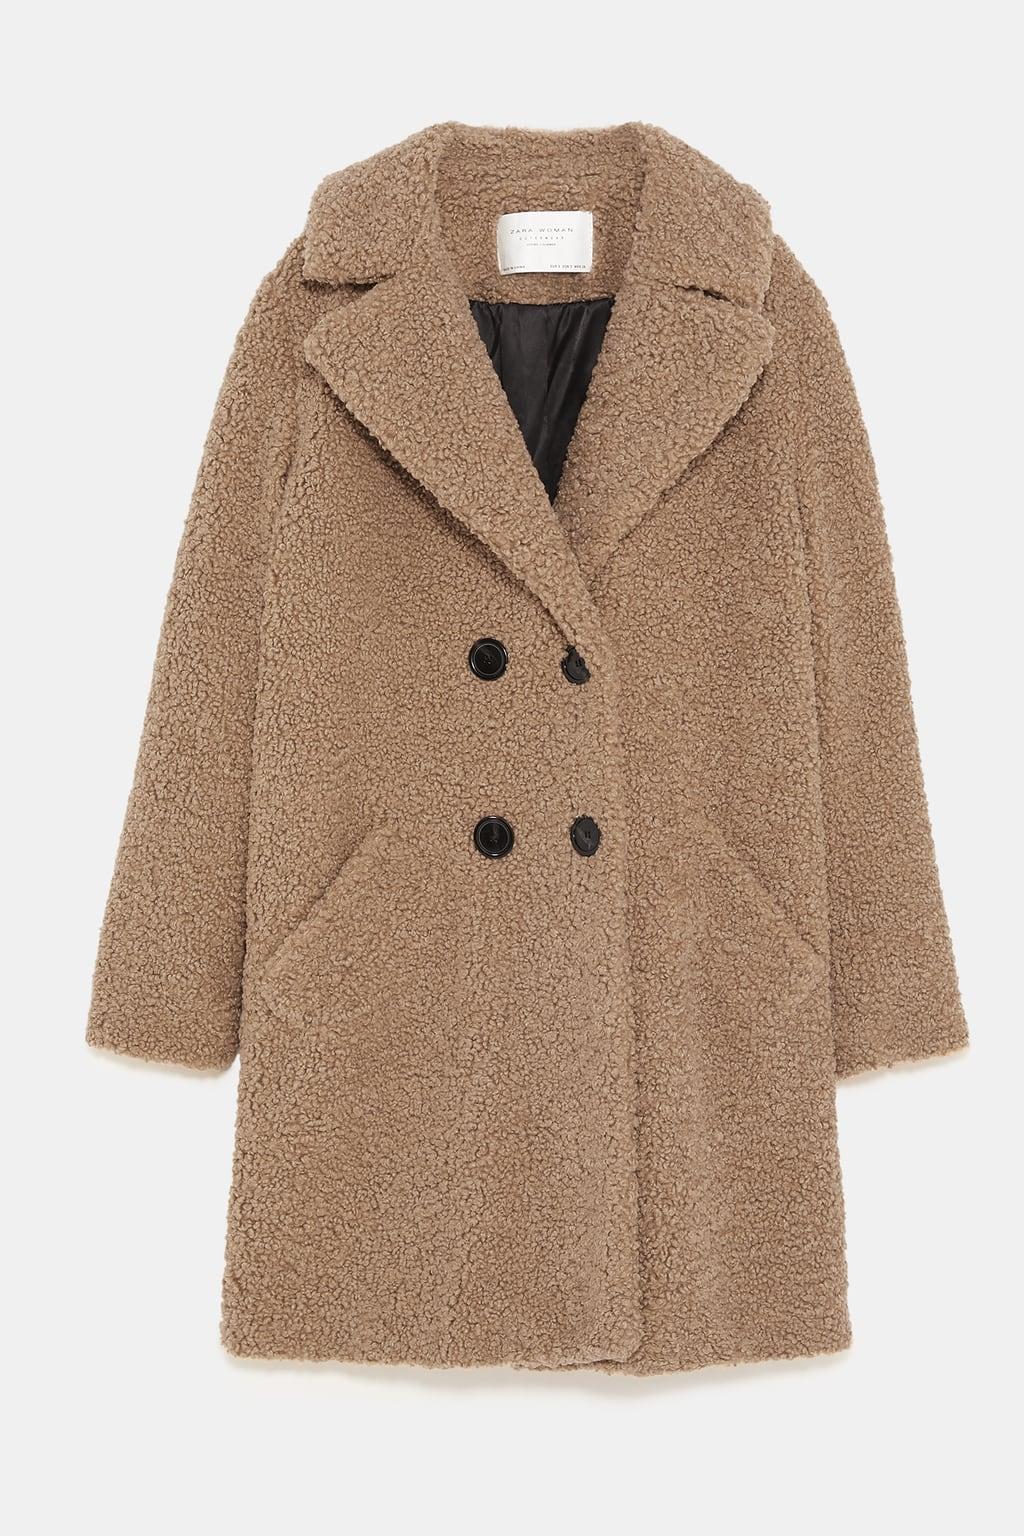 Textured Faux Shearling Coat, Zara, £89.99